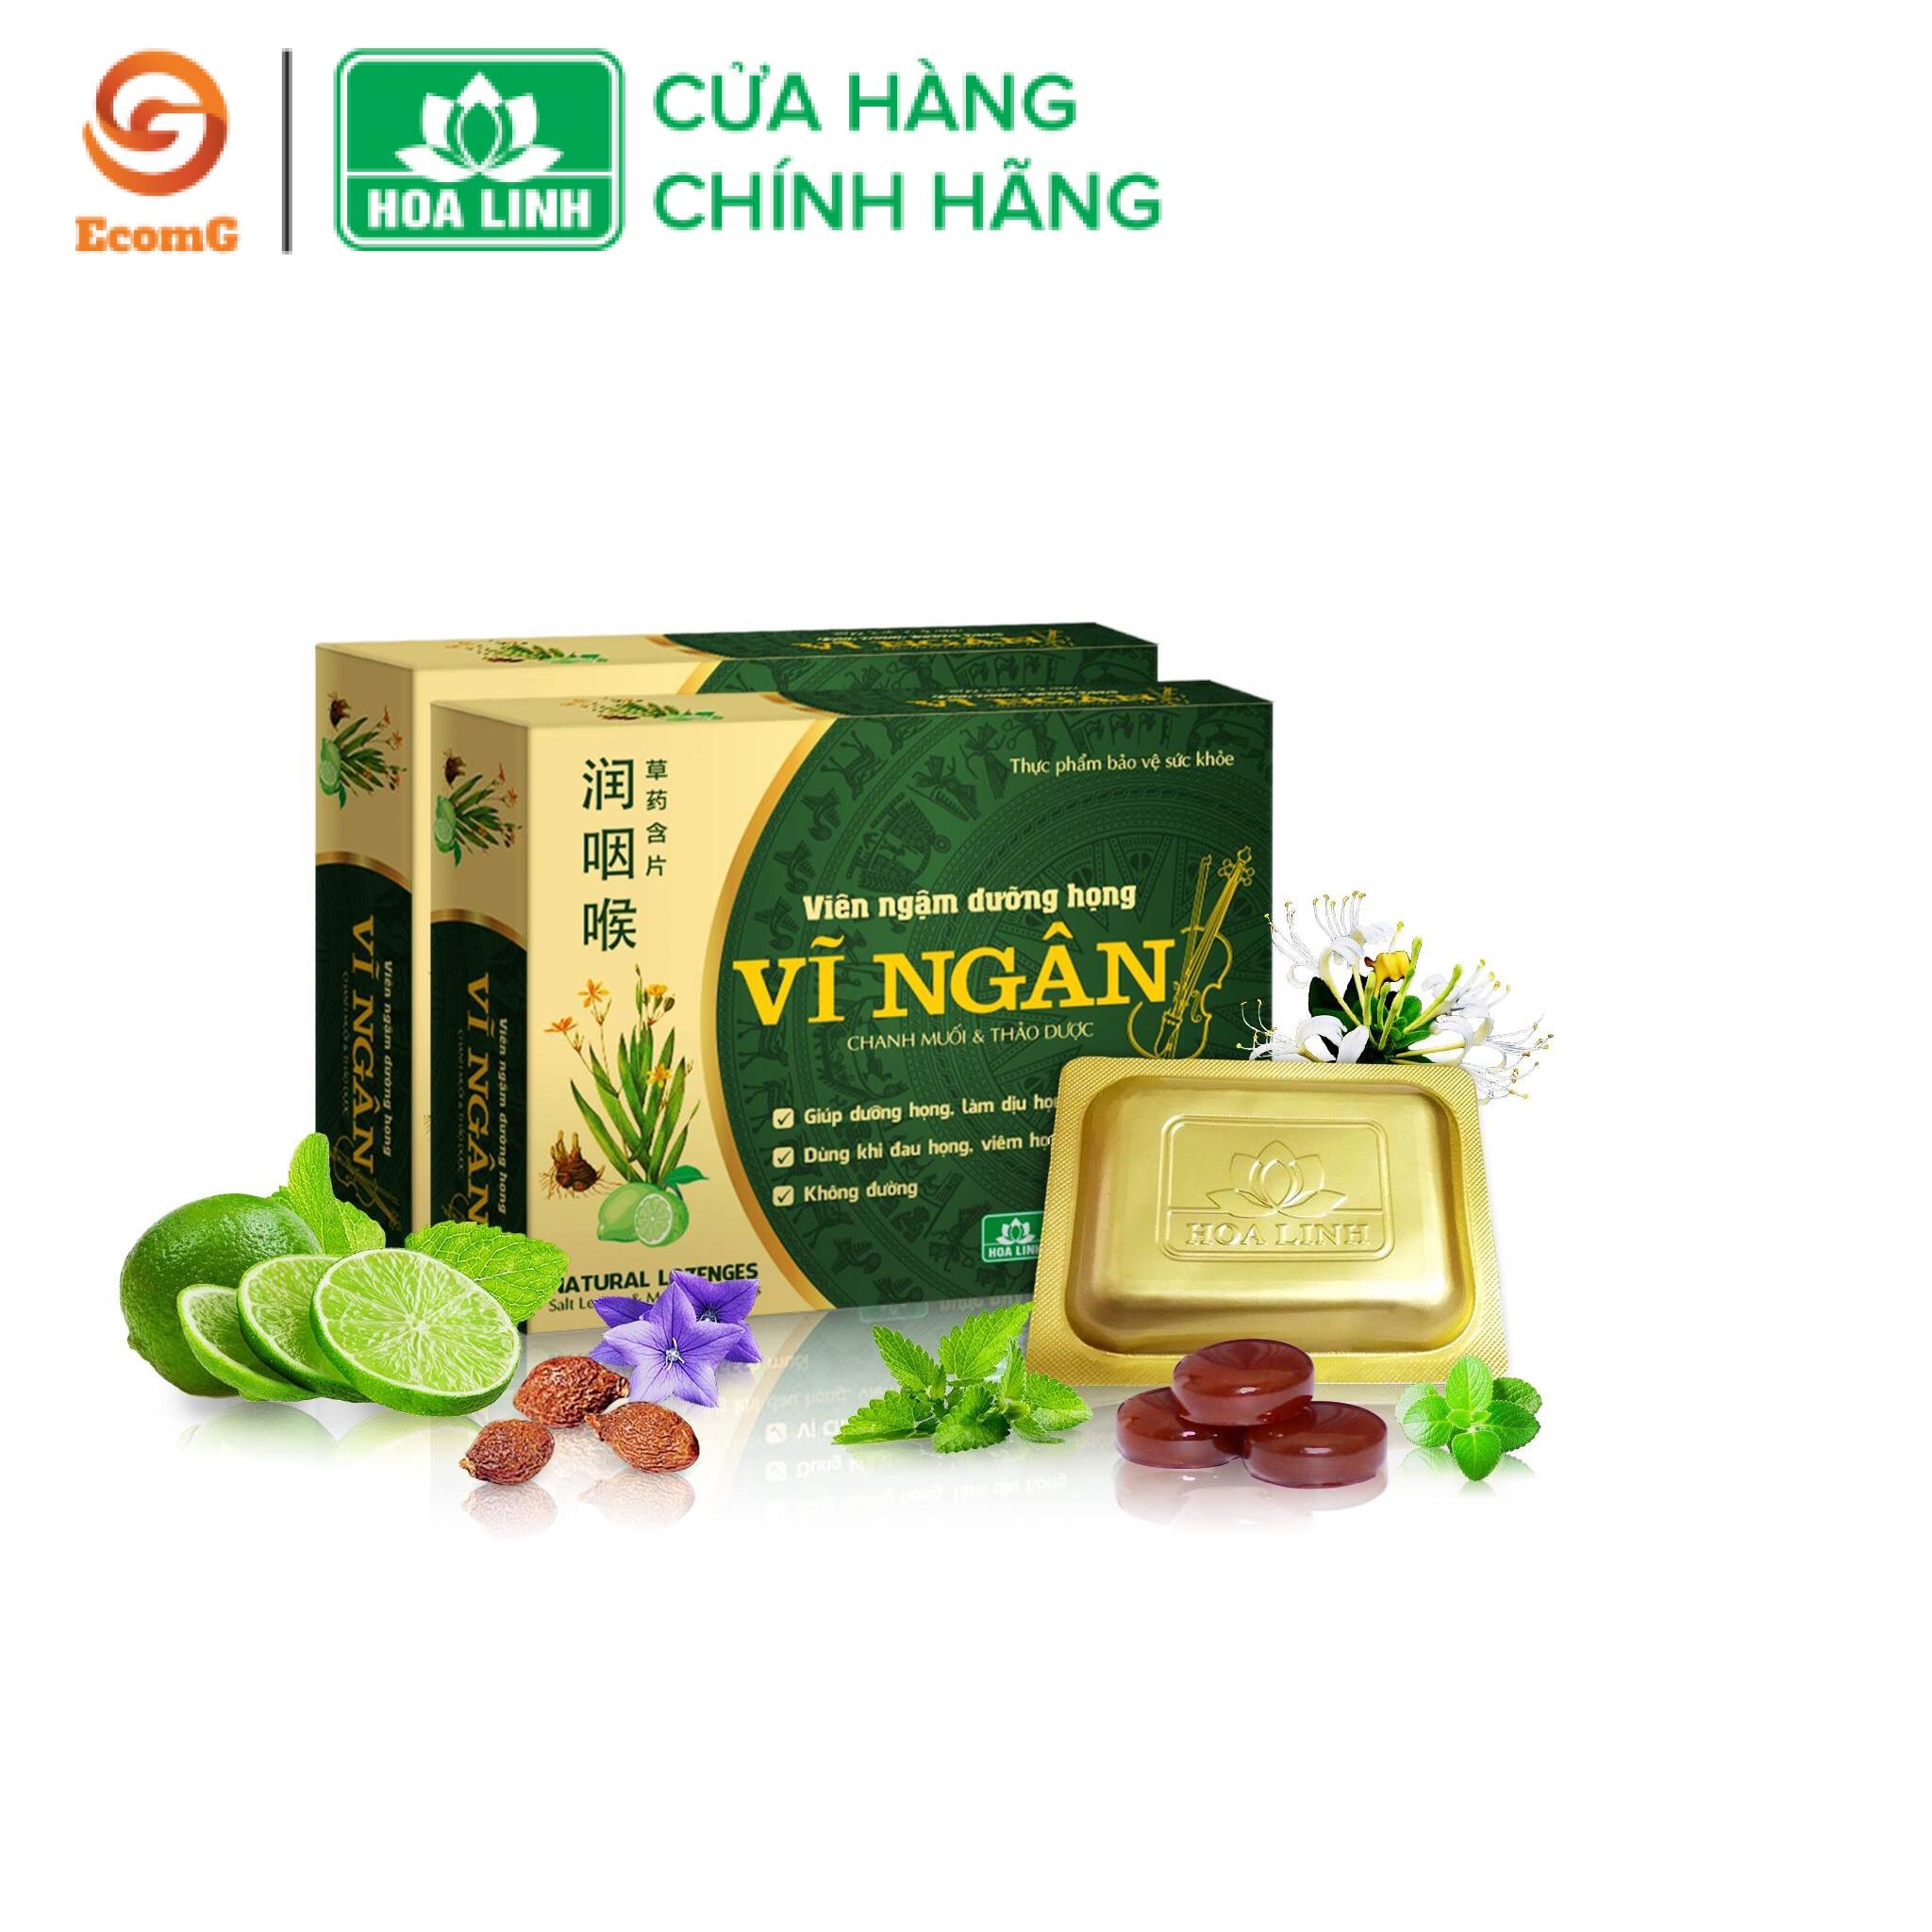 Viên ngậm dưỡng họng, thảo dược, tiêu viêm Vĩ Ngân - Hộp 10 viên - VN1-03